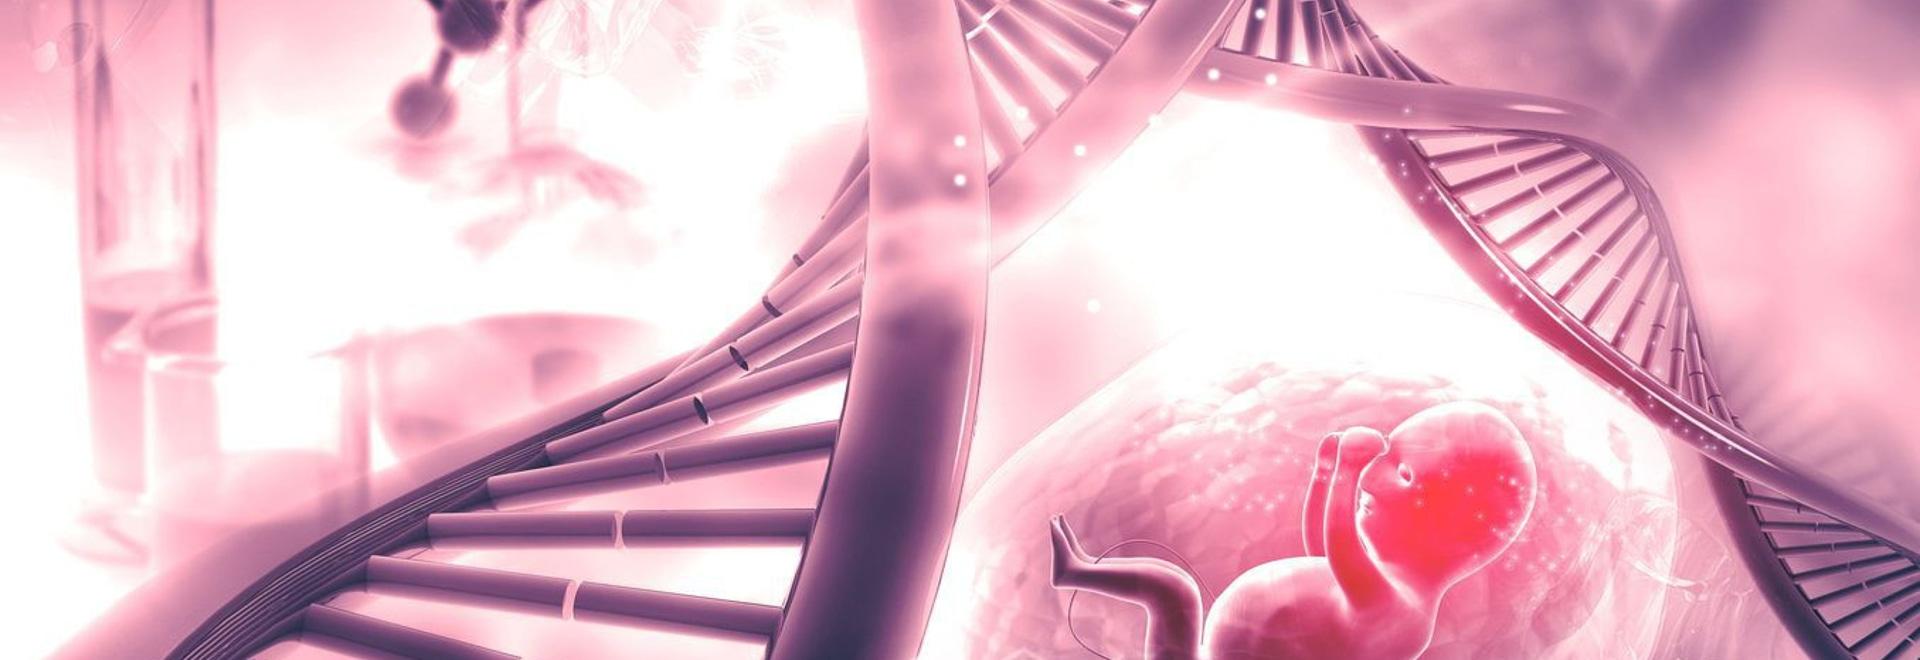 Diagnóstico prenatal de enfermedades raras: Los albores de los métodos no invasivos